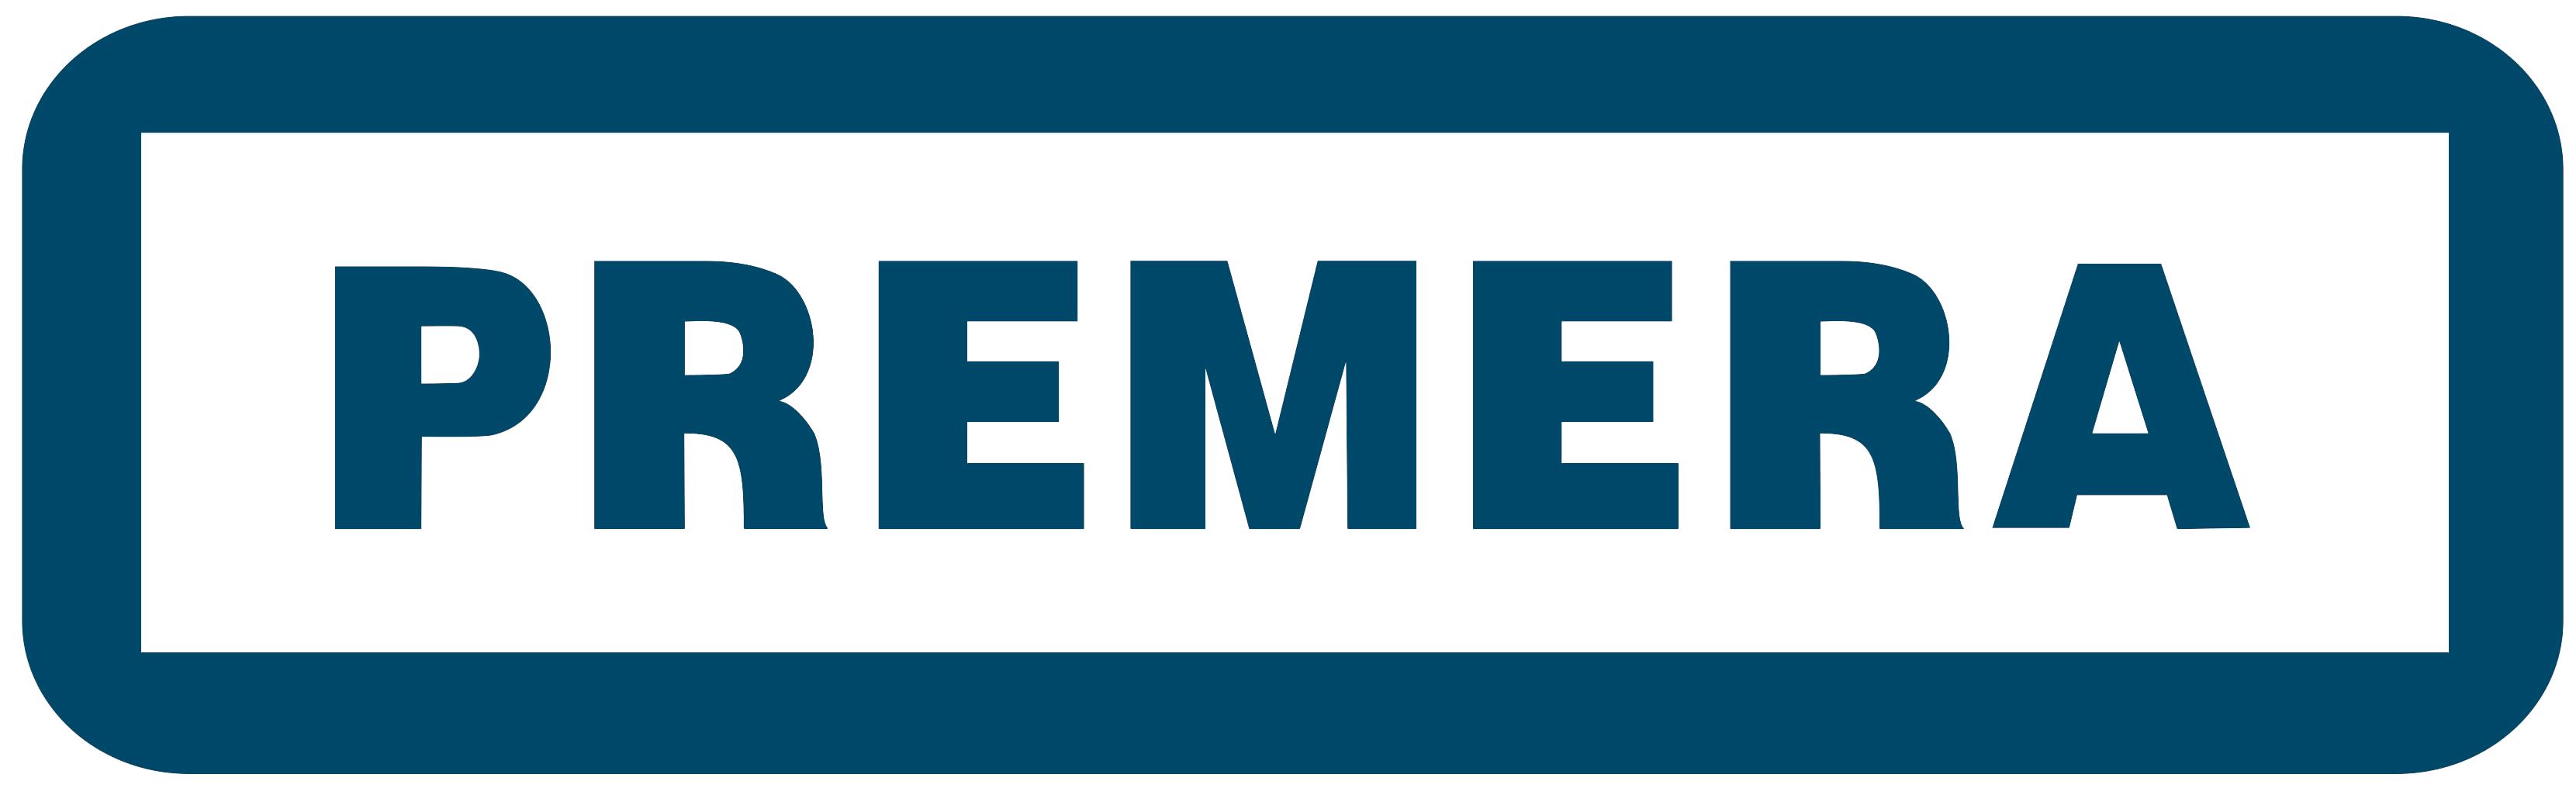 Premera-Blue